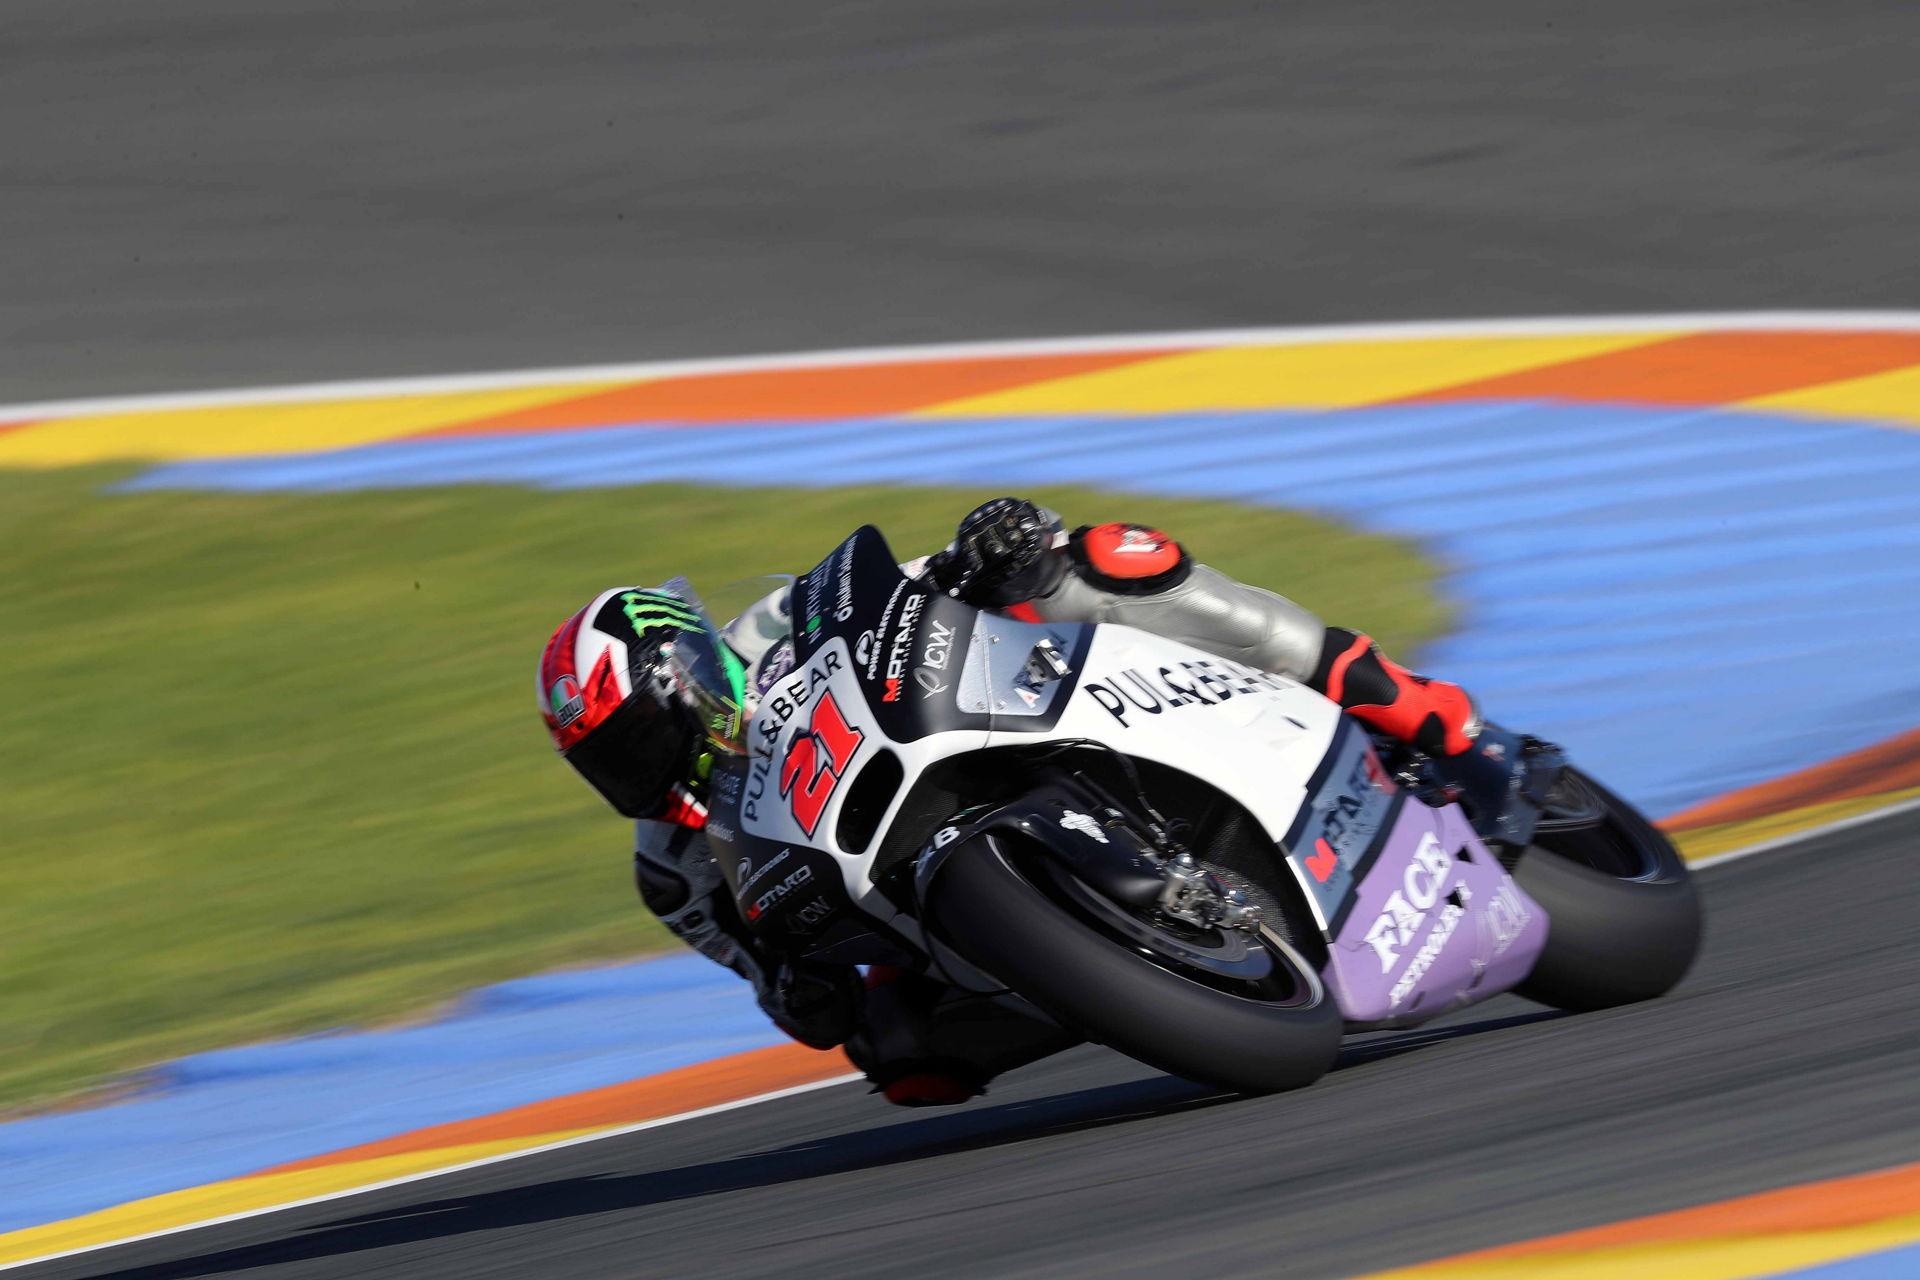 Pecco Bagnaia Ducati MotoGp